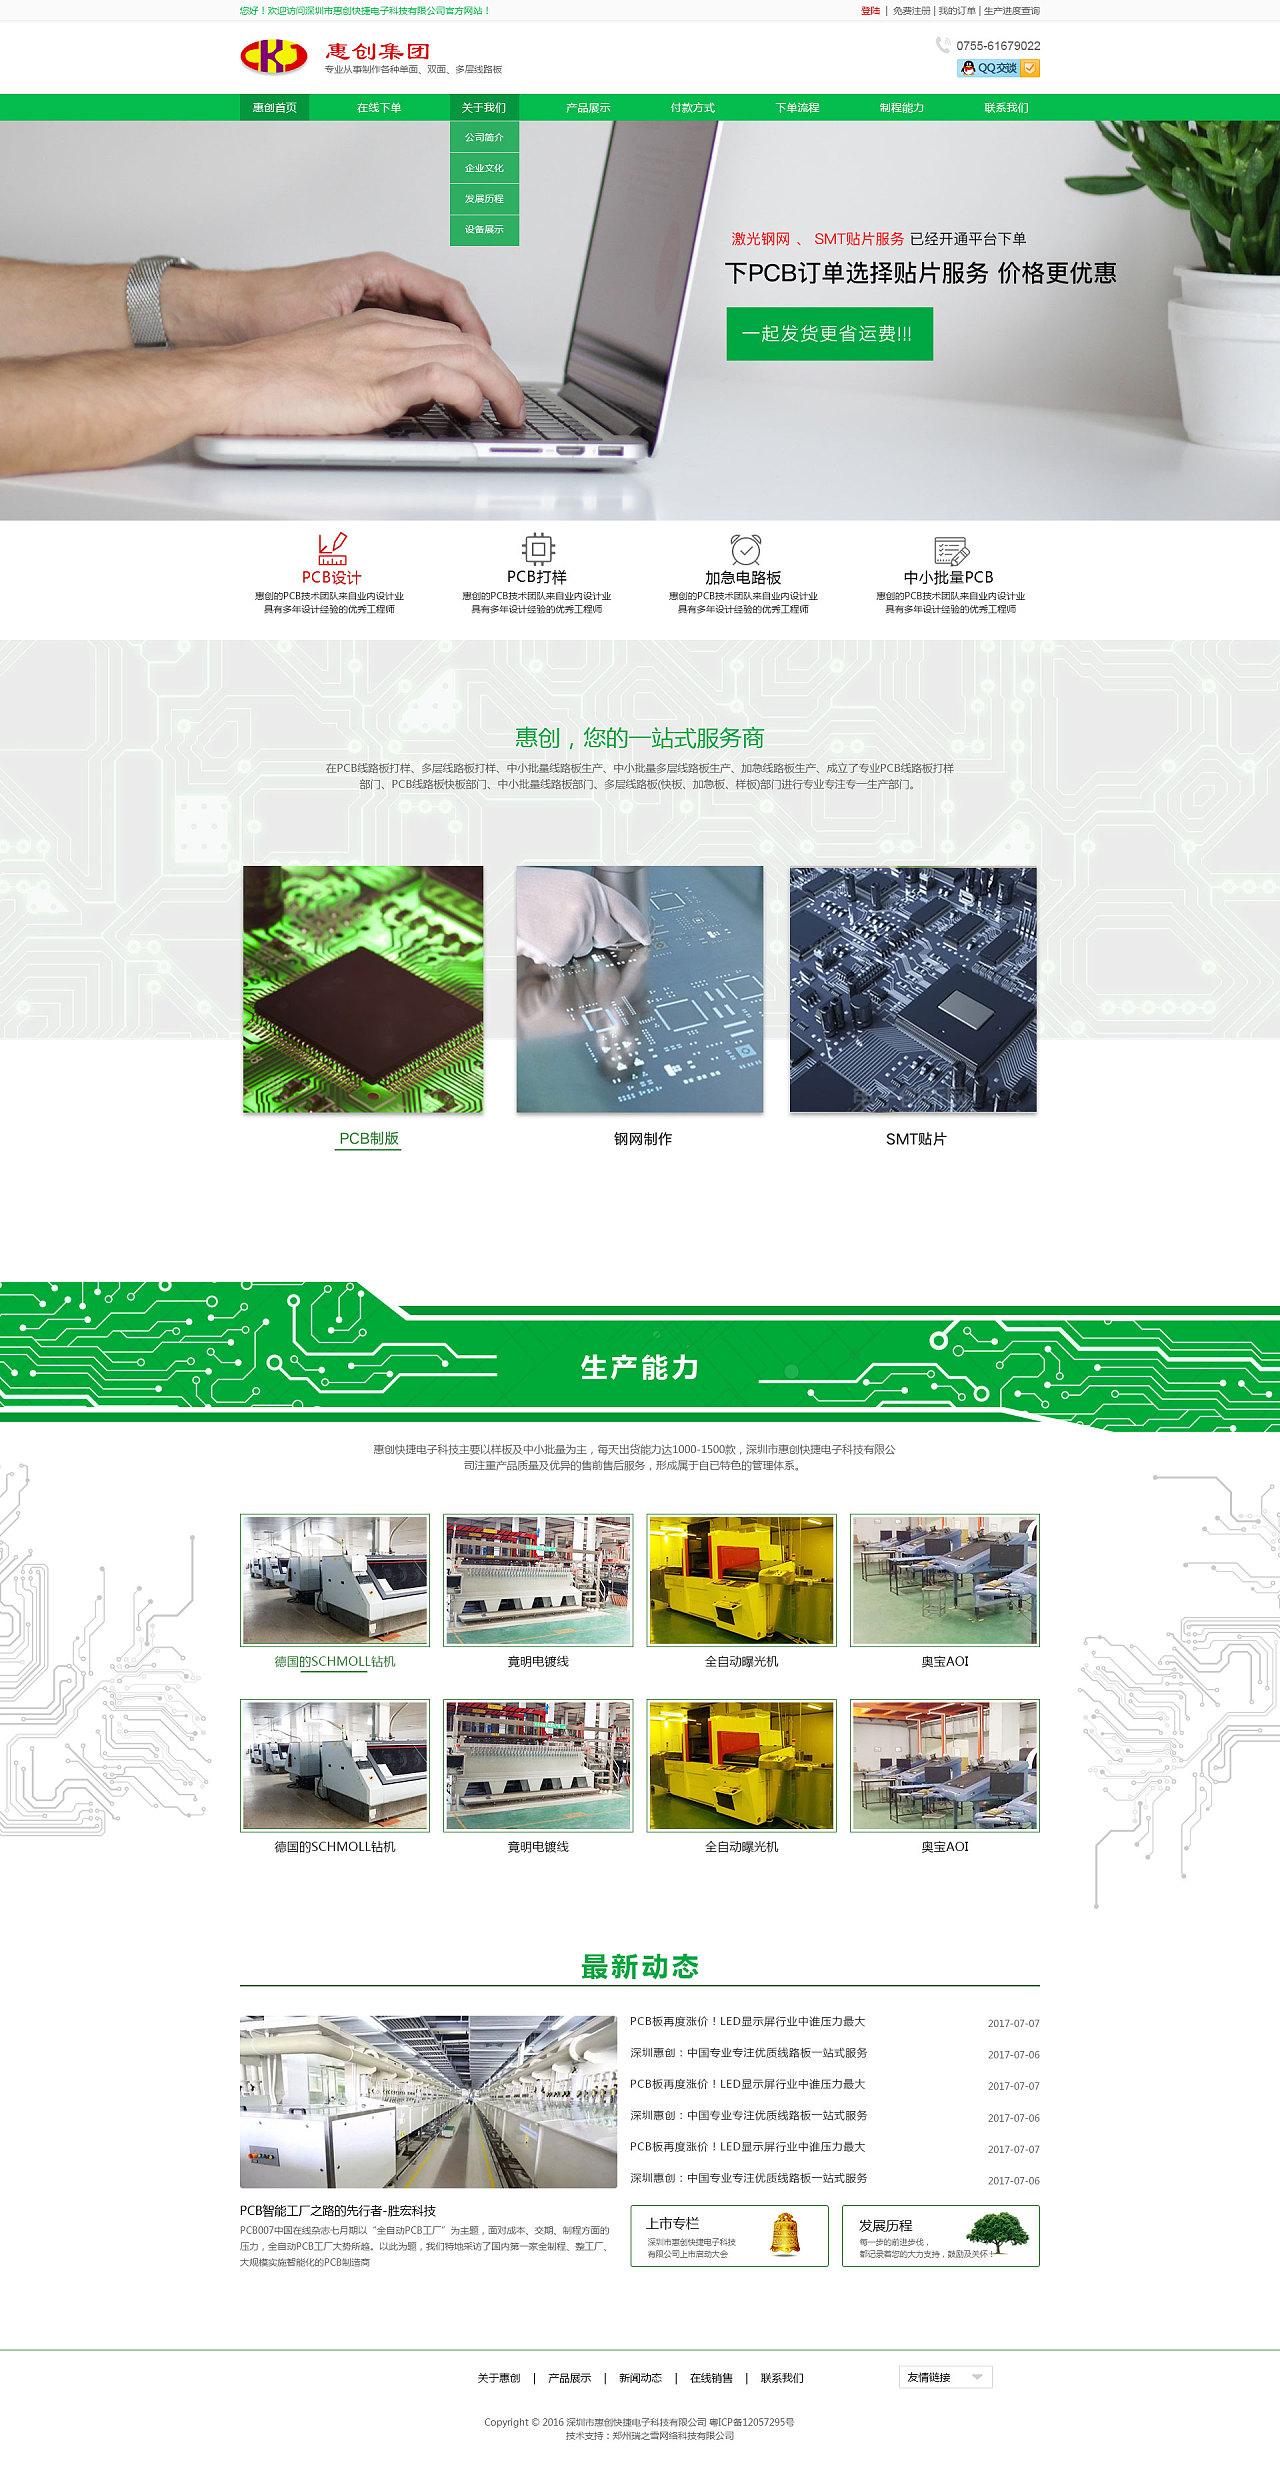 pcb 制版_PCB制版首页和表单页设计|网页|企业官网|率然 - 原创作品 - 站酷 ...